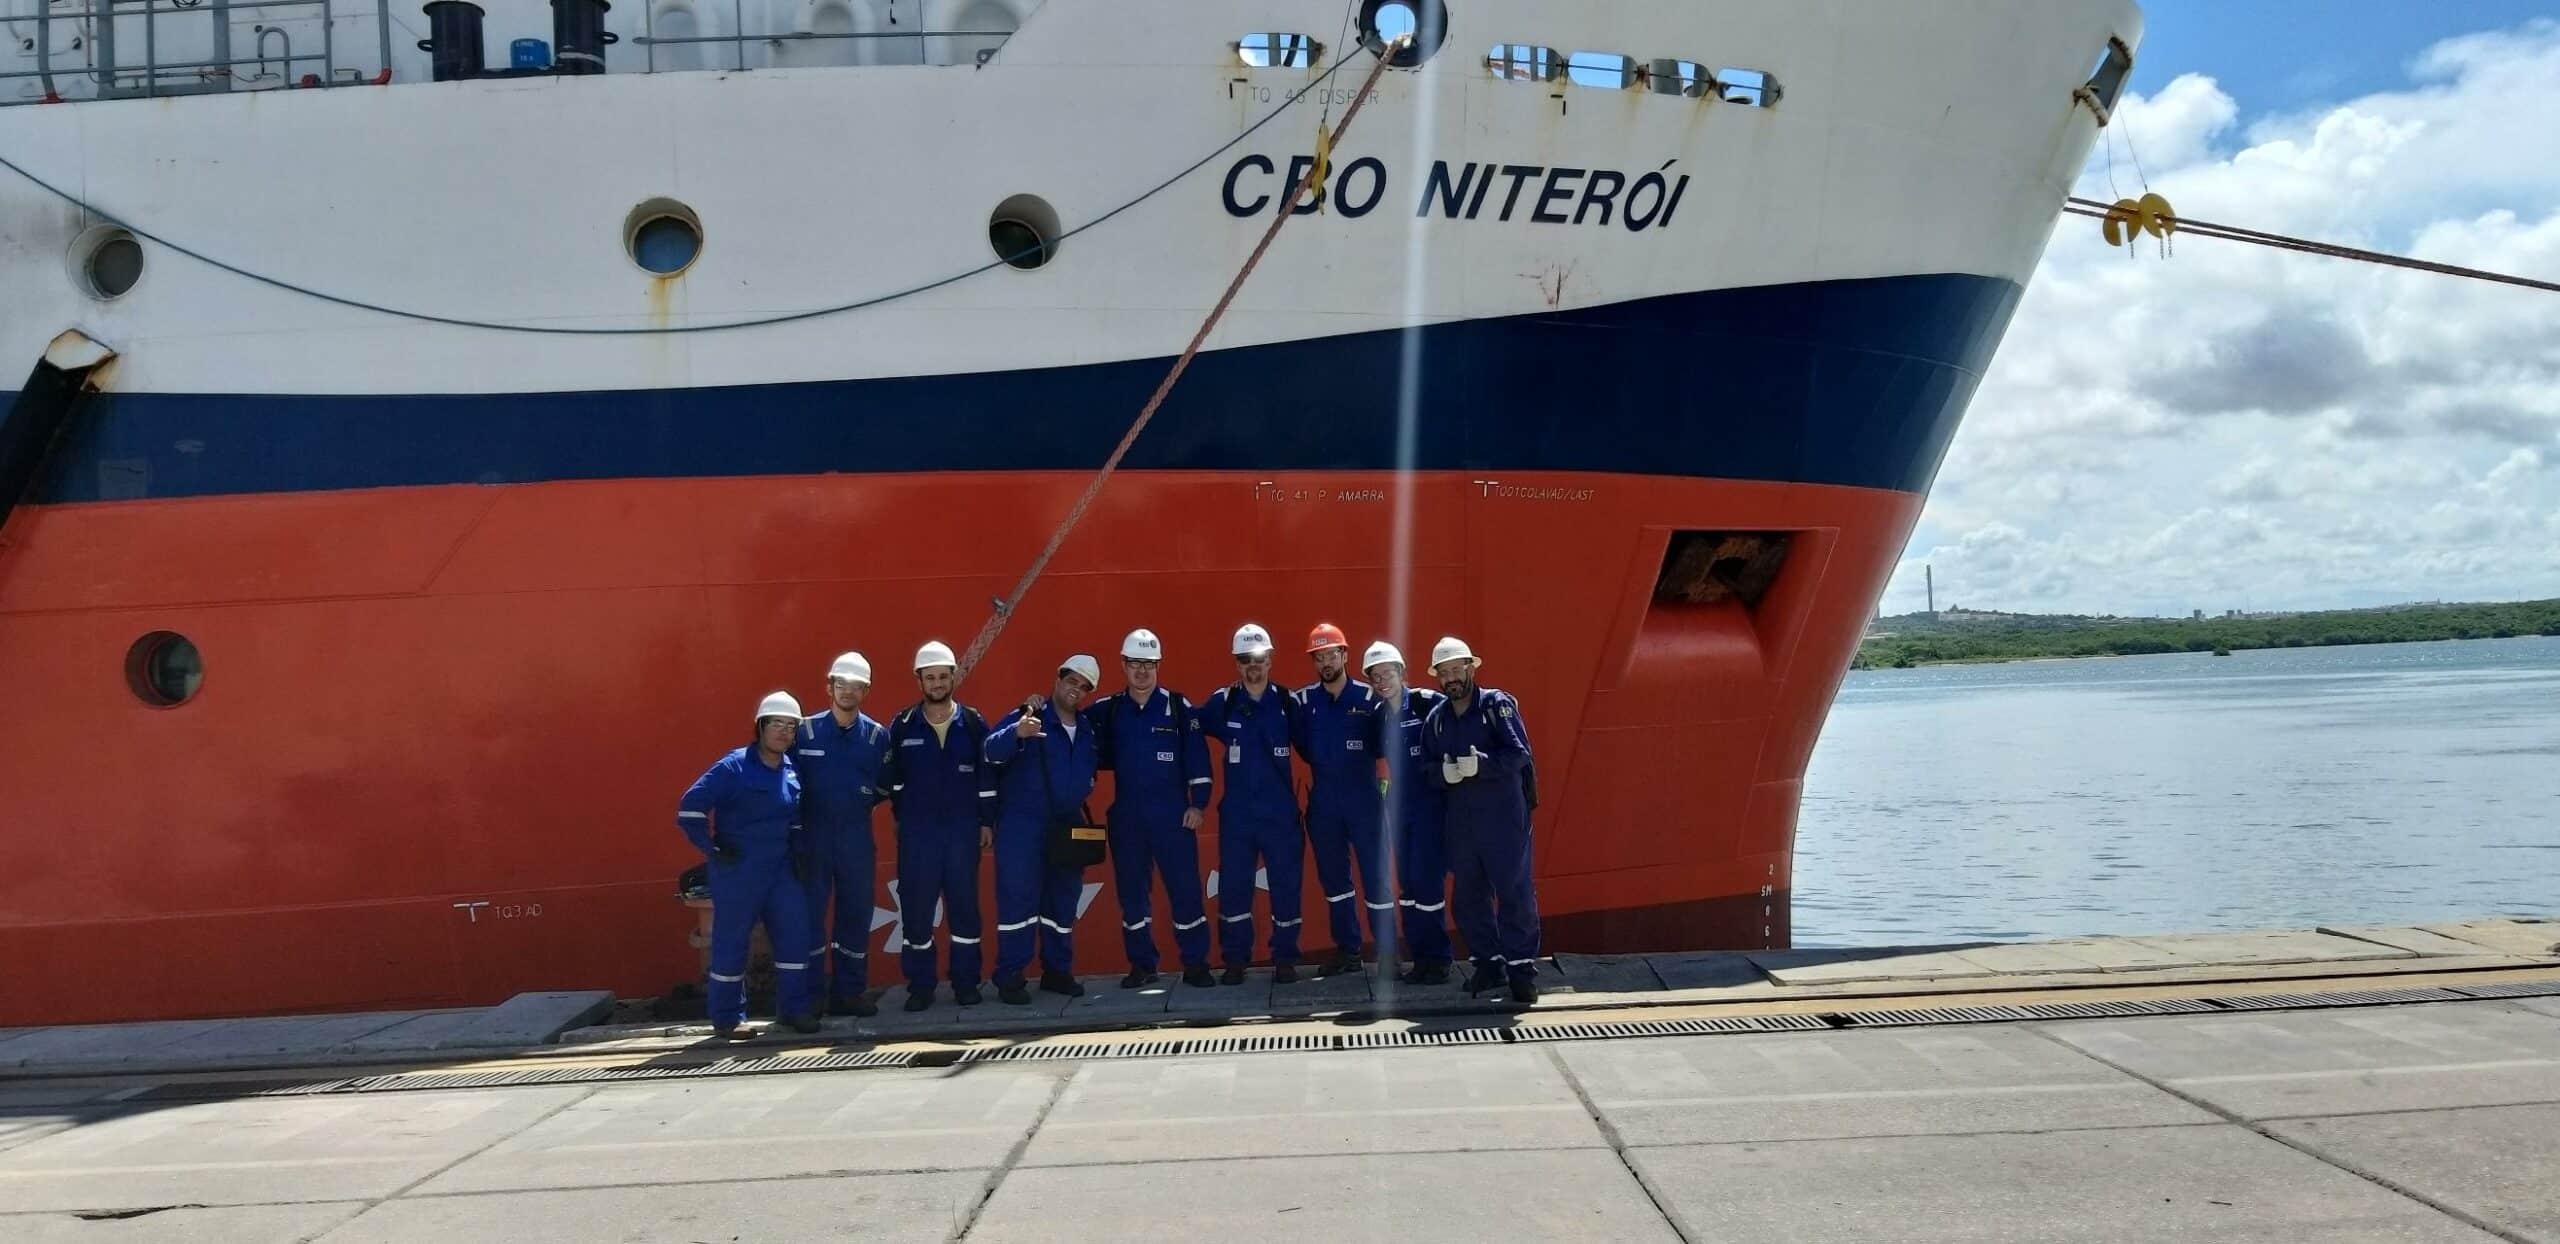 Marítimos são convocados para trabalhar no RJ pela Companhia Brasileira de Offshore